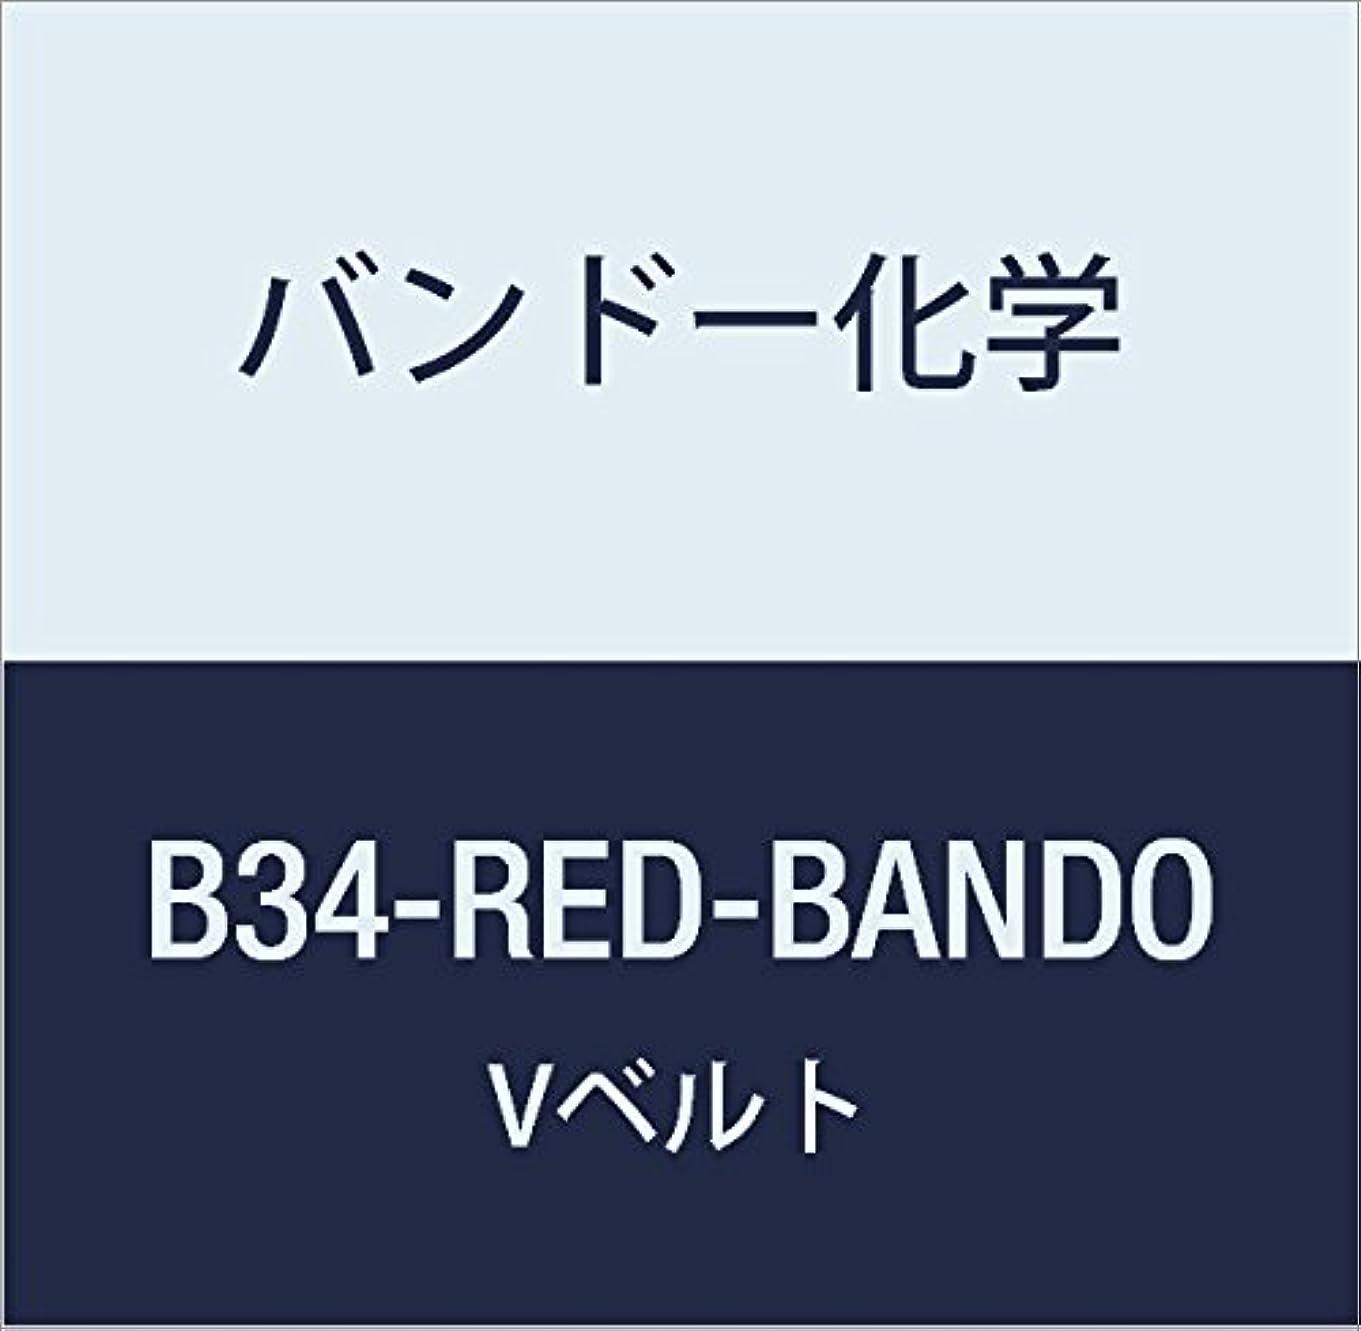 アプライアンス絶壁タンカーバンドー化学 B形Vベルト(レッドシール) B34-RED-BANDO